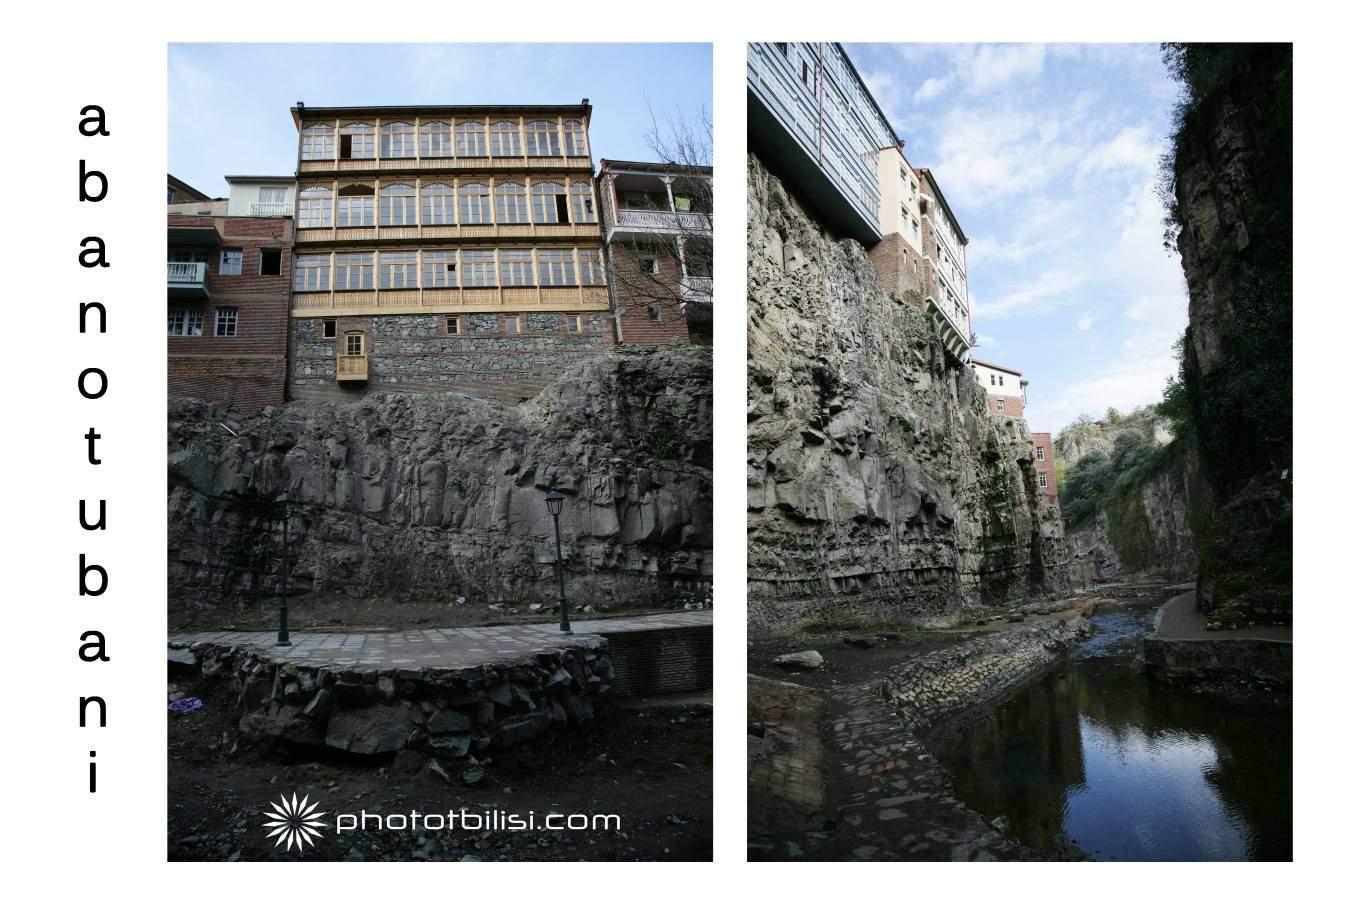 Tbilisi-Abanotubani-1